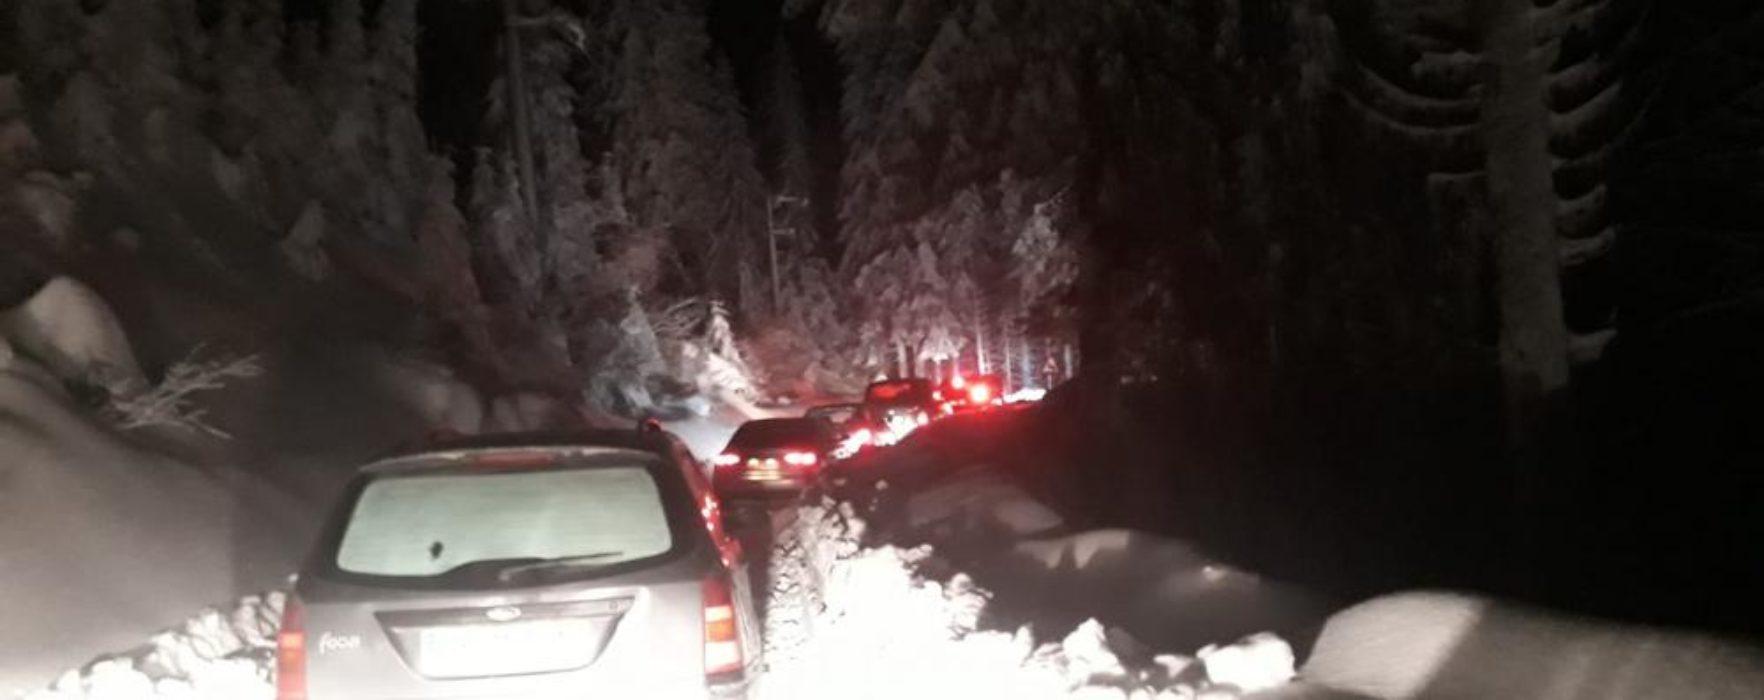 Zeci de turişti înzăpeziţi cu maşinile pe DJ 714 vineri noapte, sâmbătă drumul e blocat de copaci căzuţi